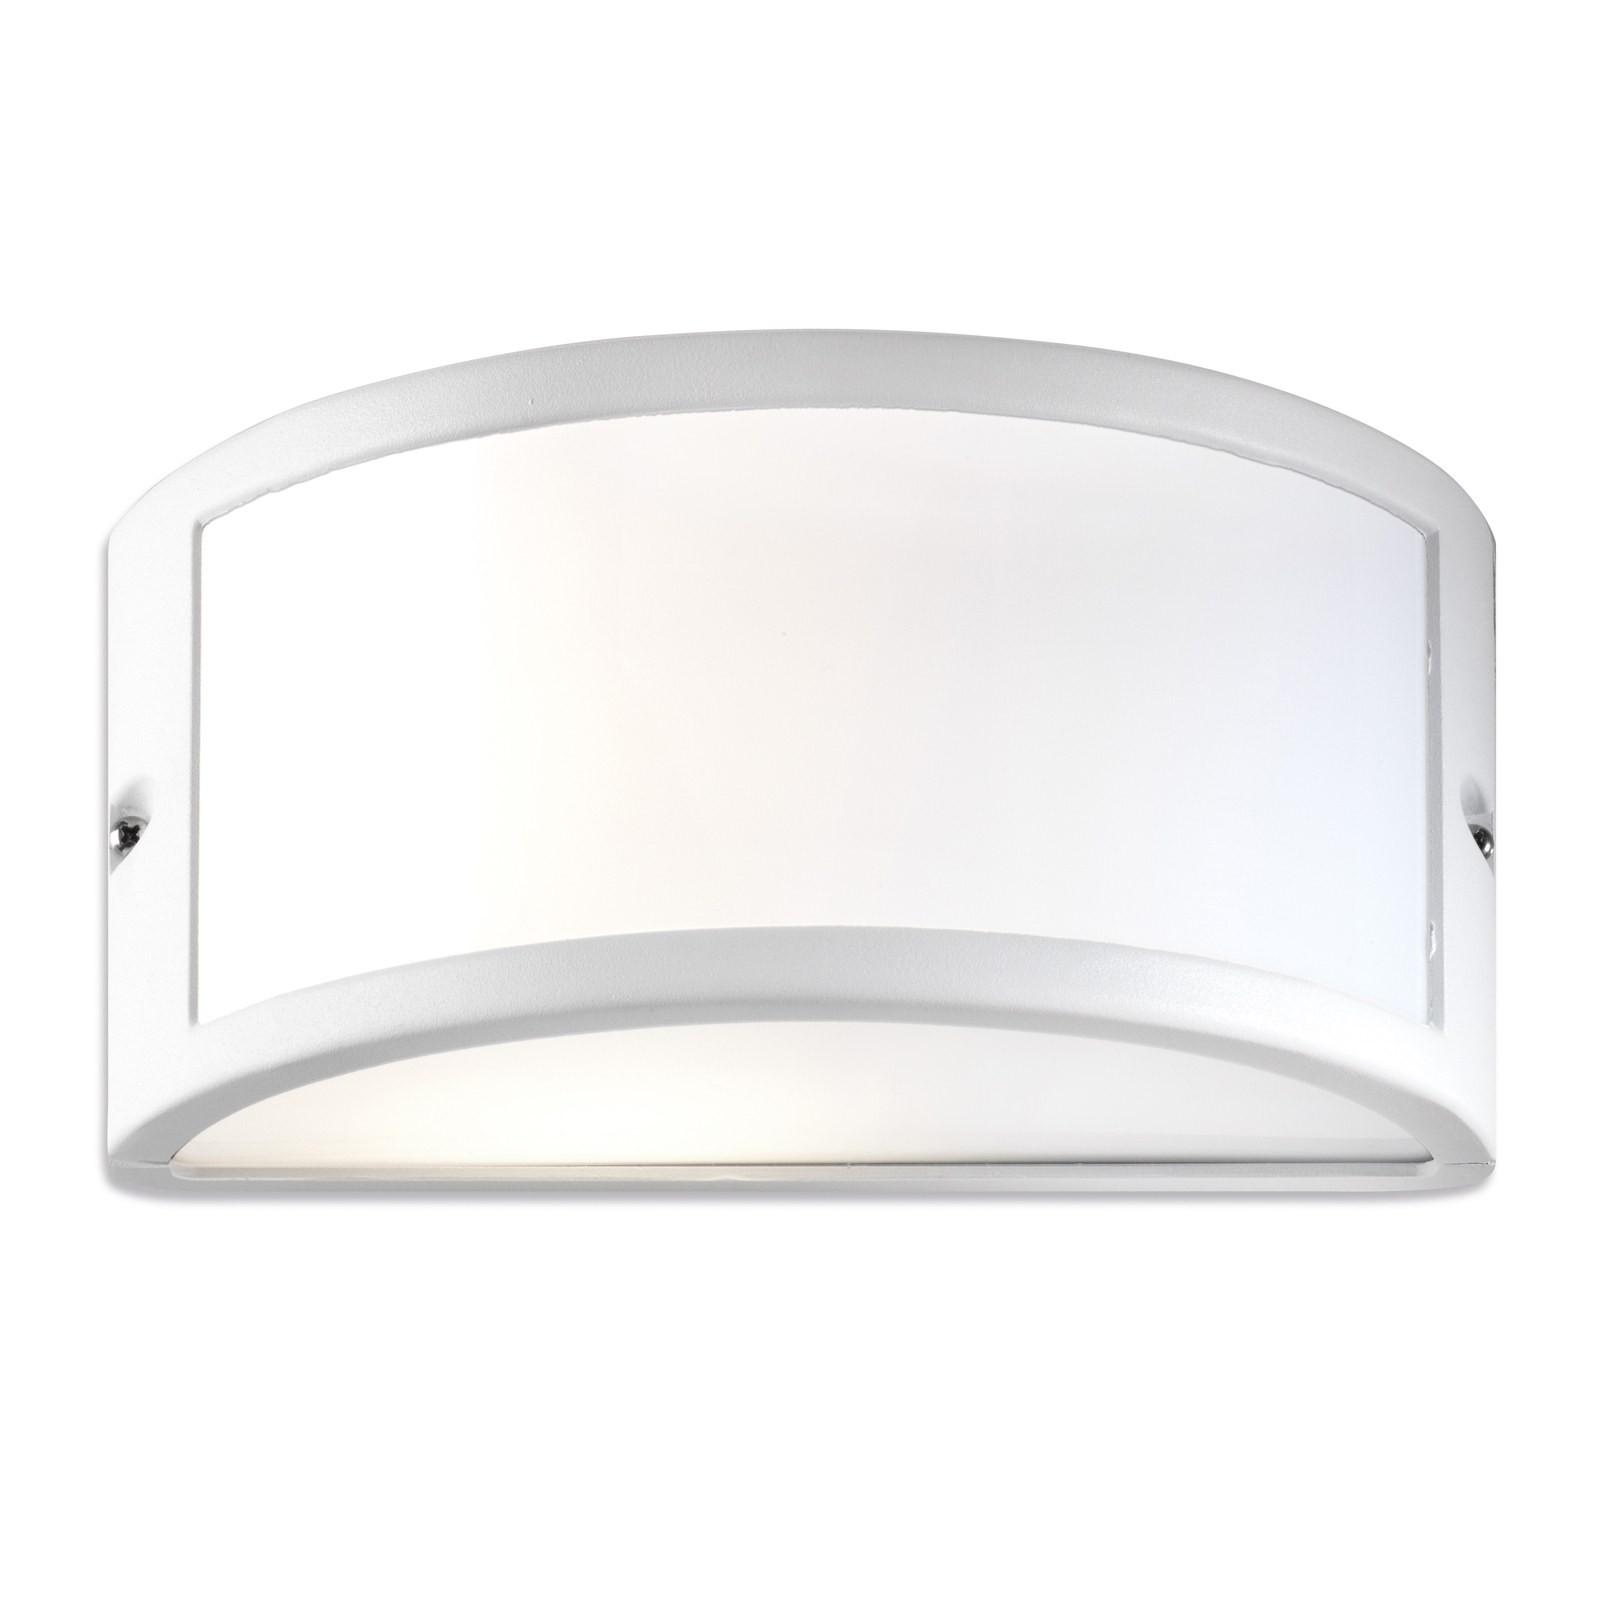 Applique lampada da parete per esterno moderno for Luci esterno ikea